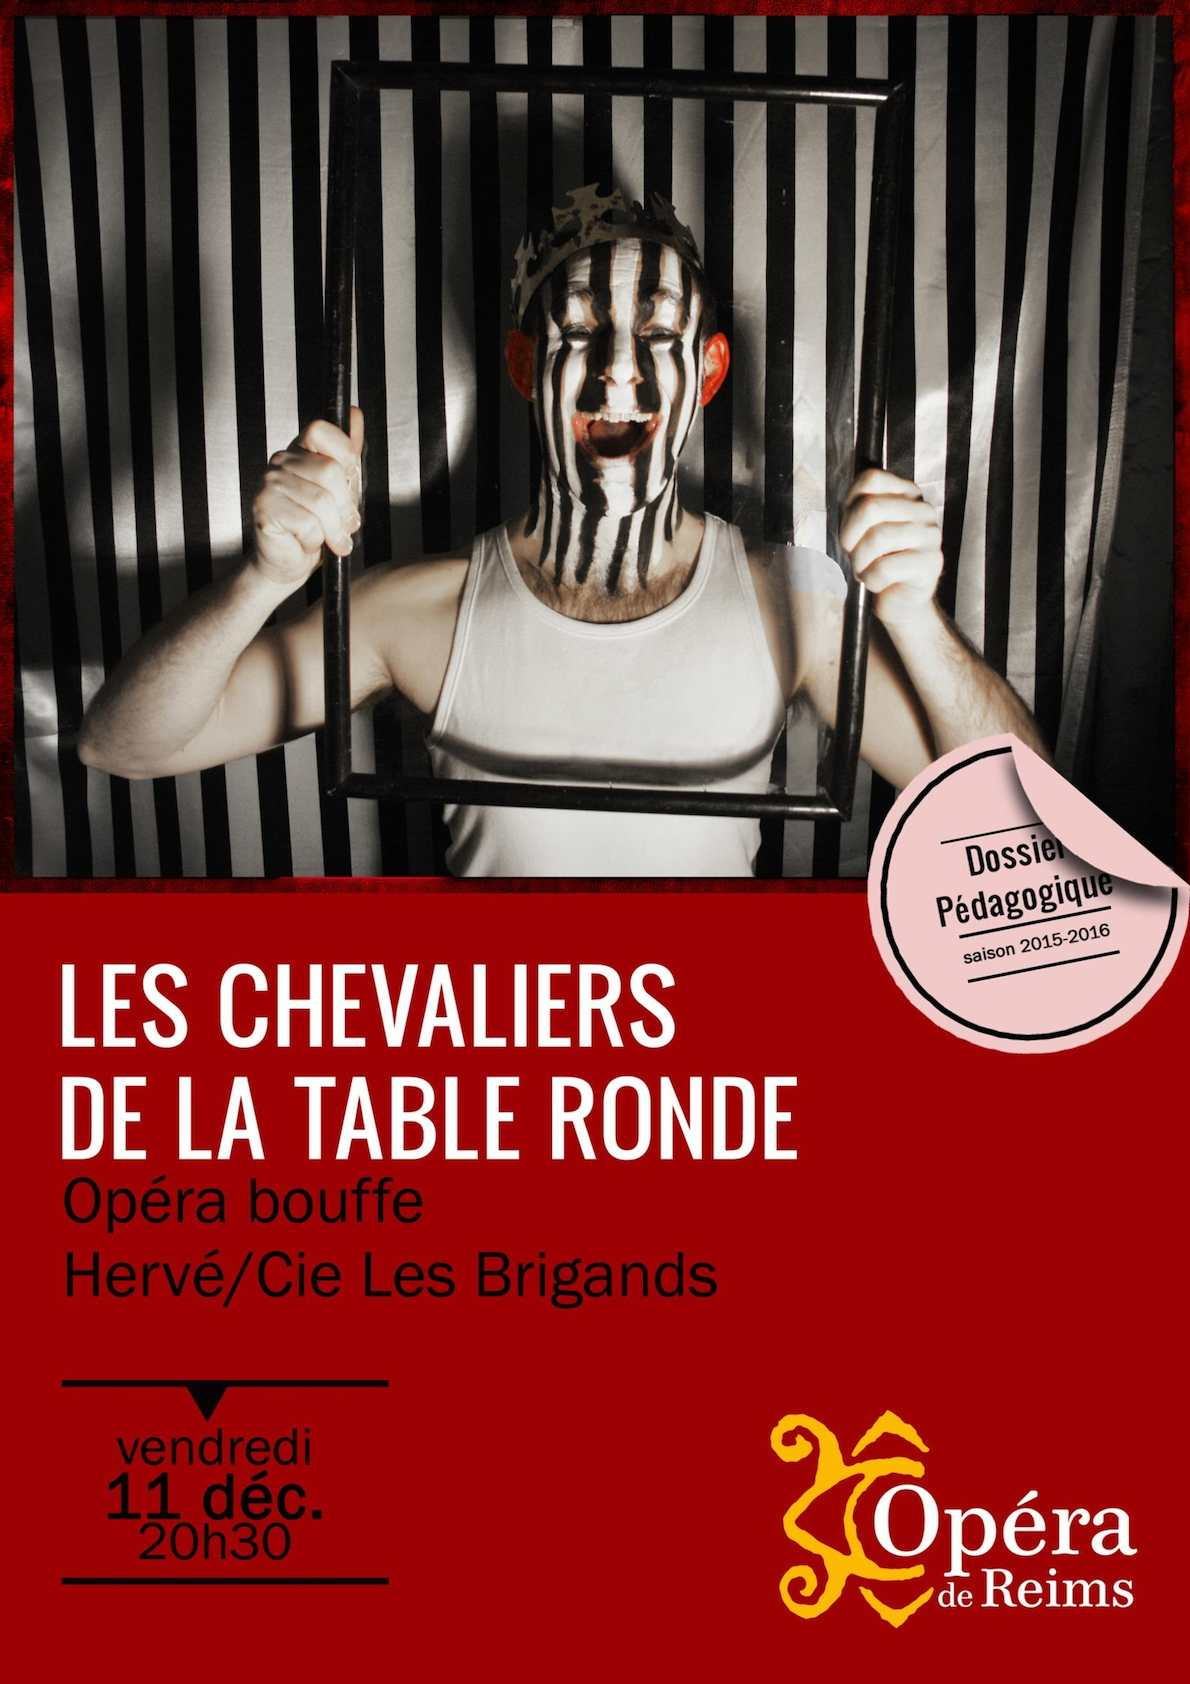 Calam o carnet d 39 opera les chevaliers de la table ronde - Noms des chevaliers de la table ronde ...